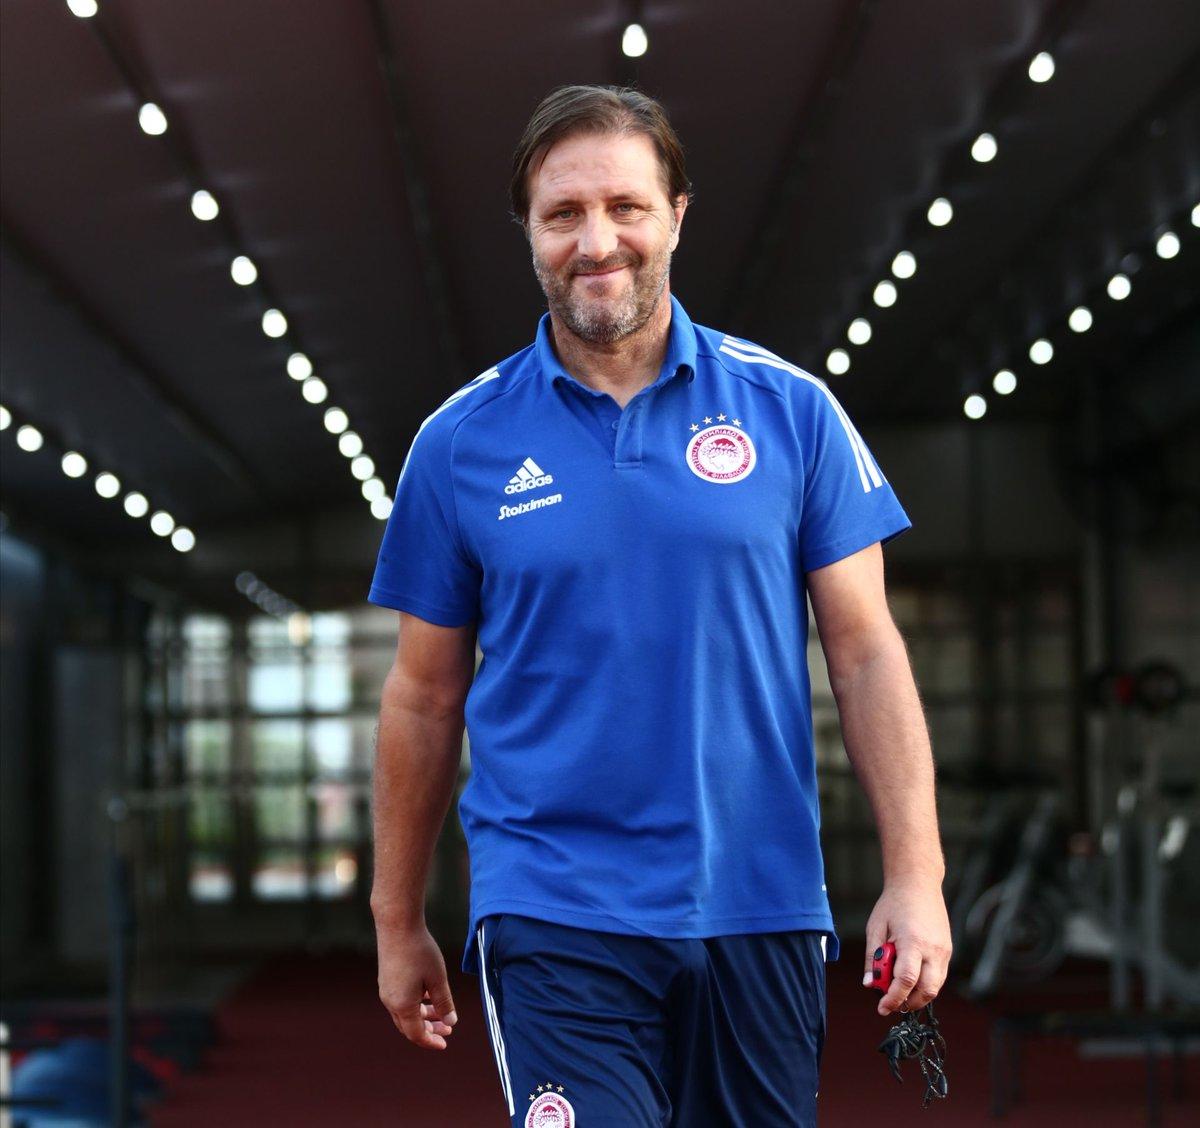 Ο κόουτς μας είναι έτοιμος για επιστροφή στη δράση του UEFA Champions League, εσείς; / Our Coach is ready to return to #UCL action, what about you? 💯👊 @CoachPMartins   #Olympiacos #Football #Smile #OLYOMO https://t.co/lxm1BnfWsg